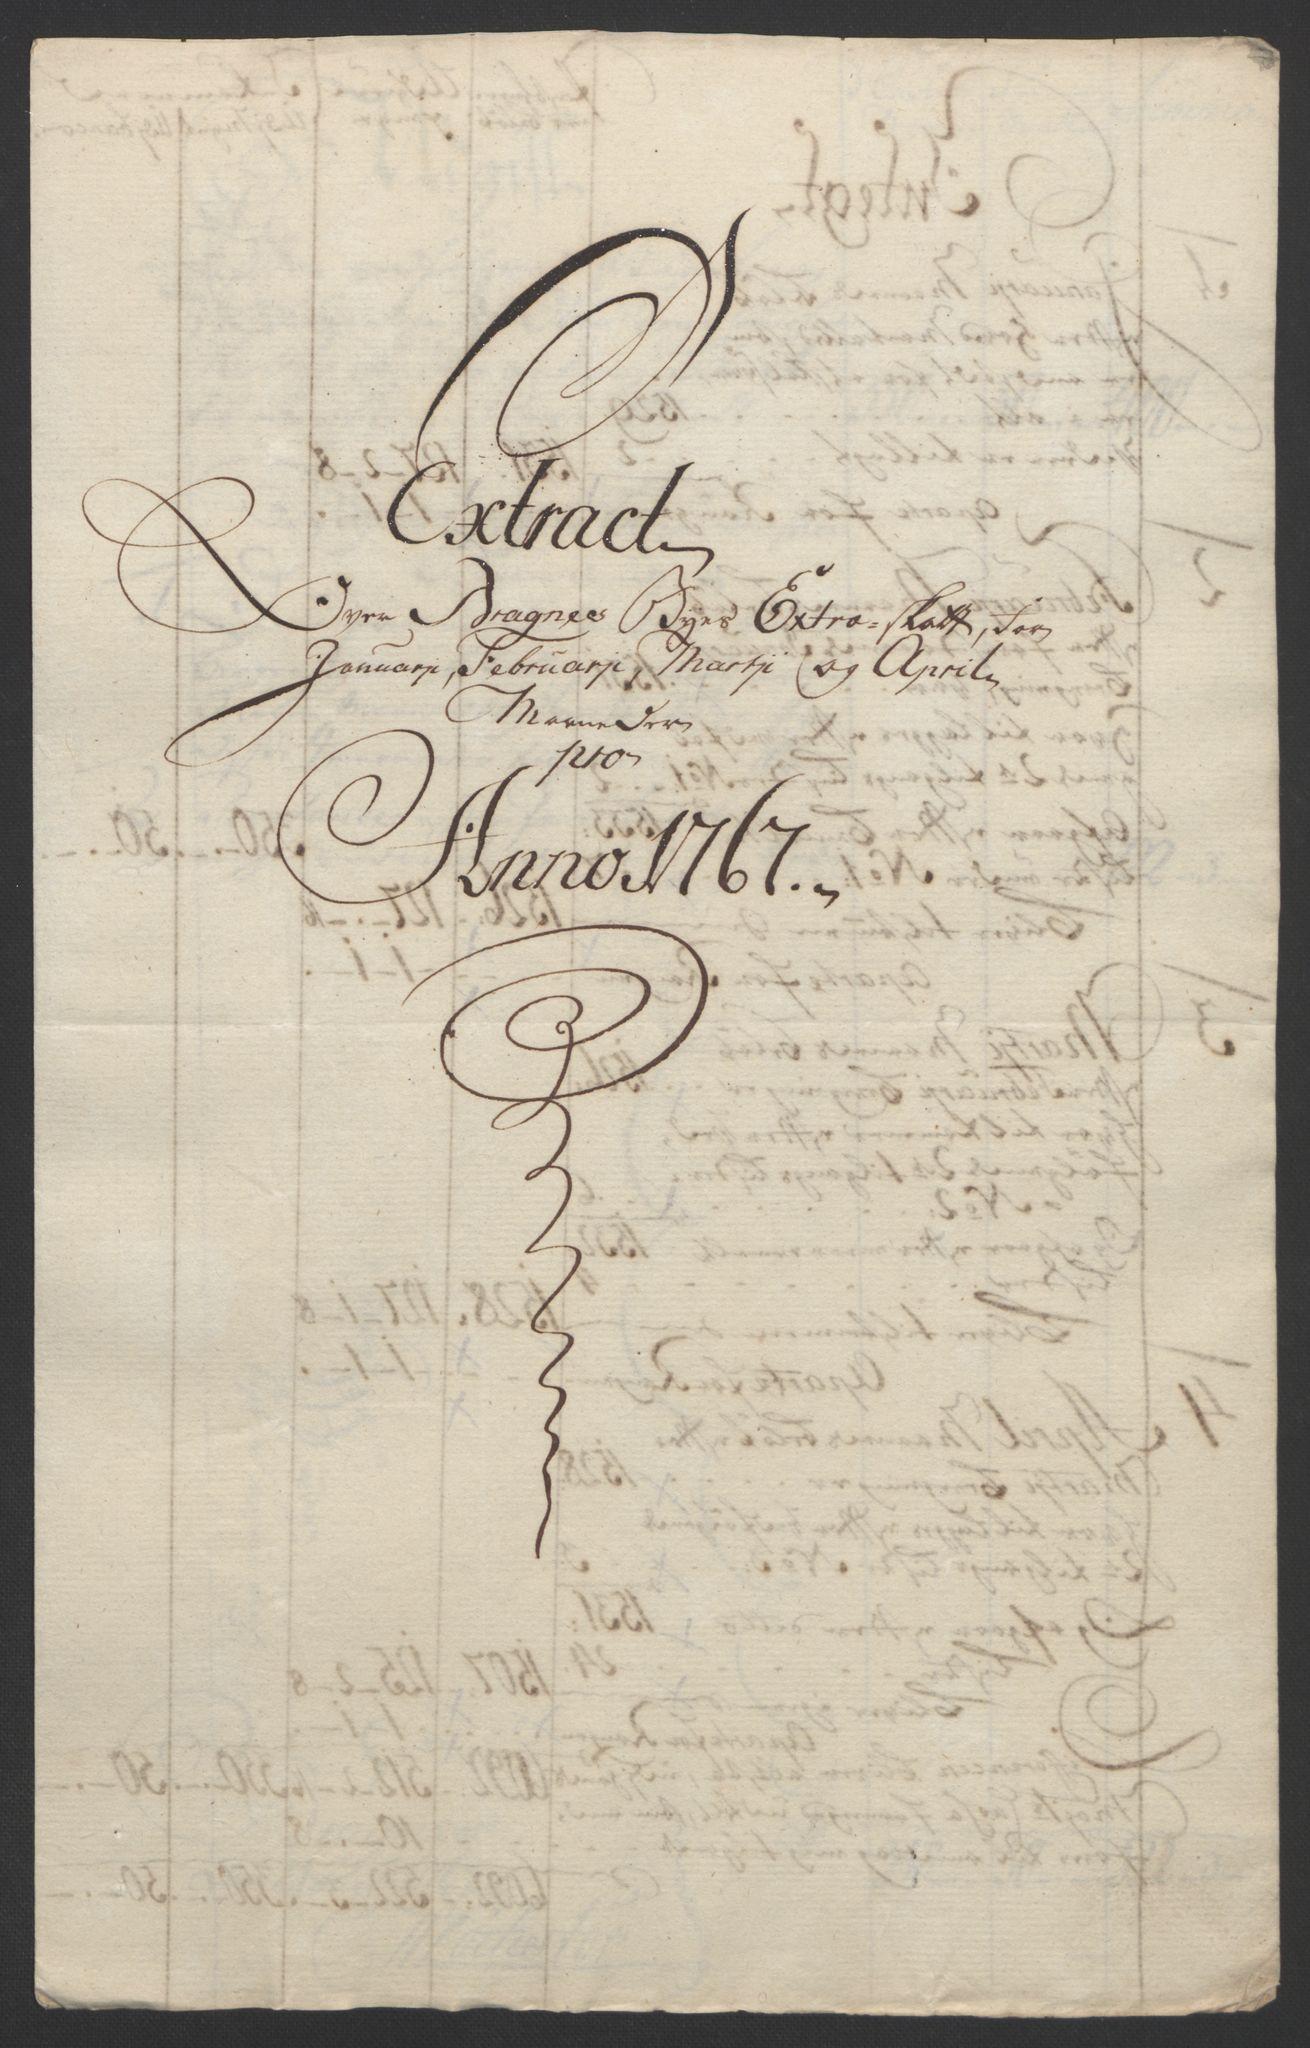 RA, Rentekammeret inntil 1814, Reviderte regnskaper, Byregnskaper, R/Rf/L0119: [F2] Kontribusjonsregnskap, 1762-1767, s. 390